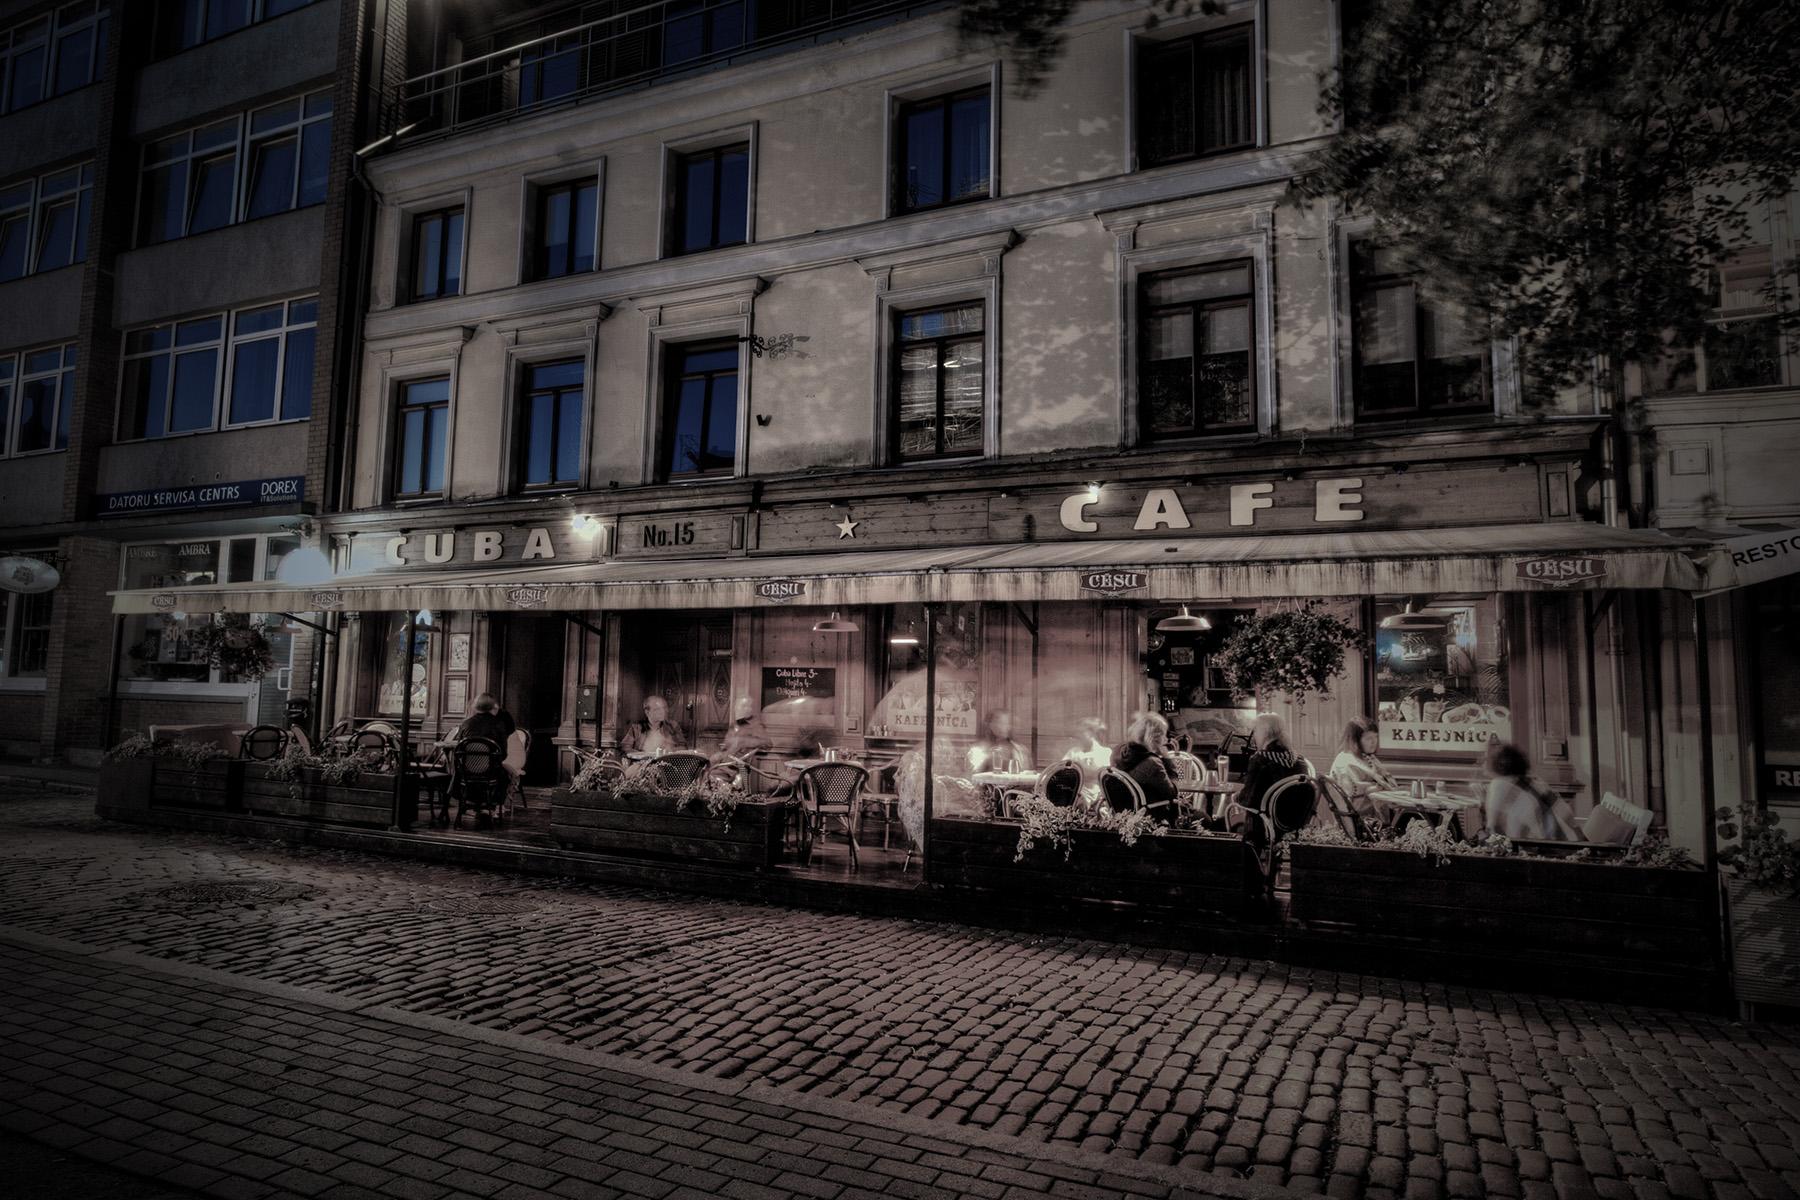 cuba_cafe